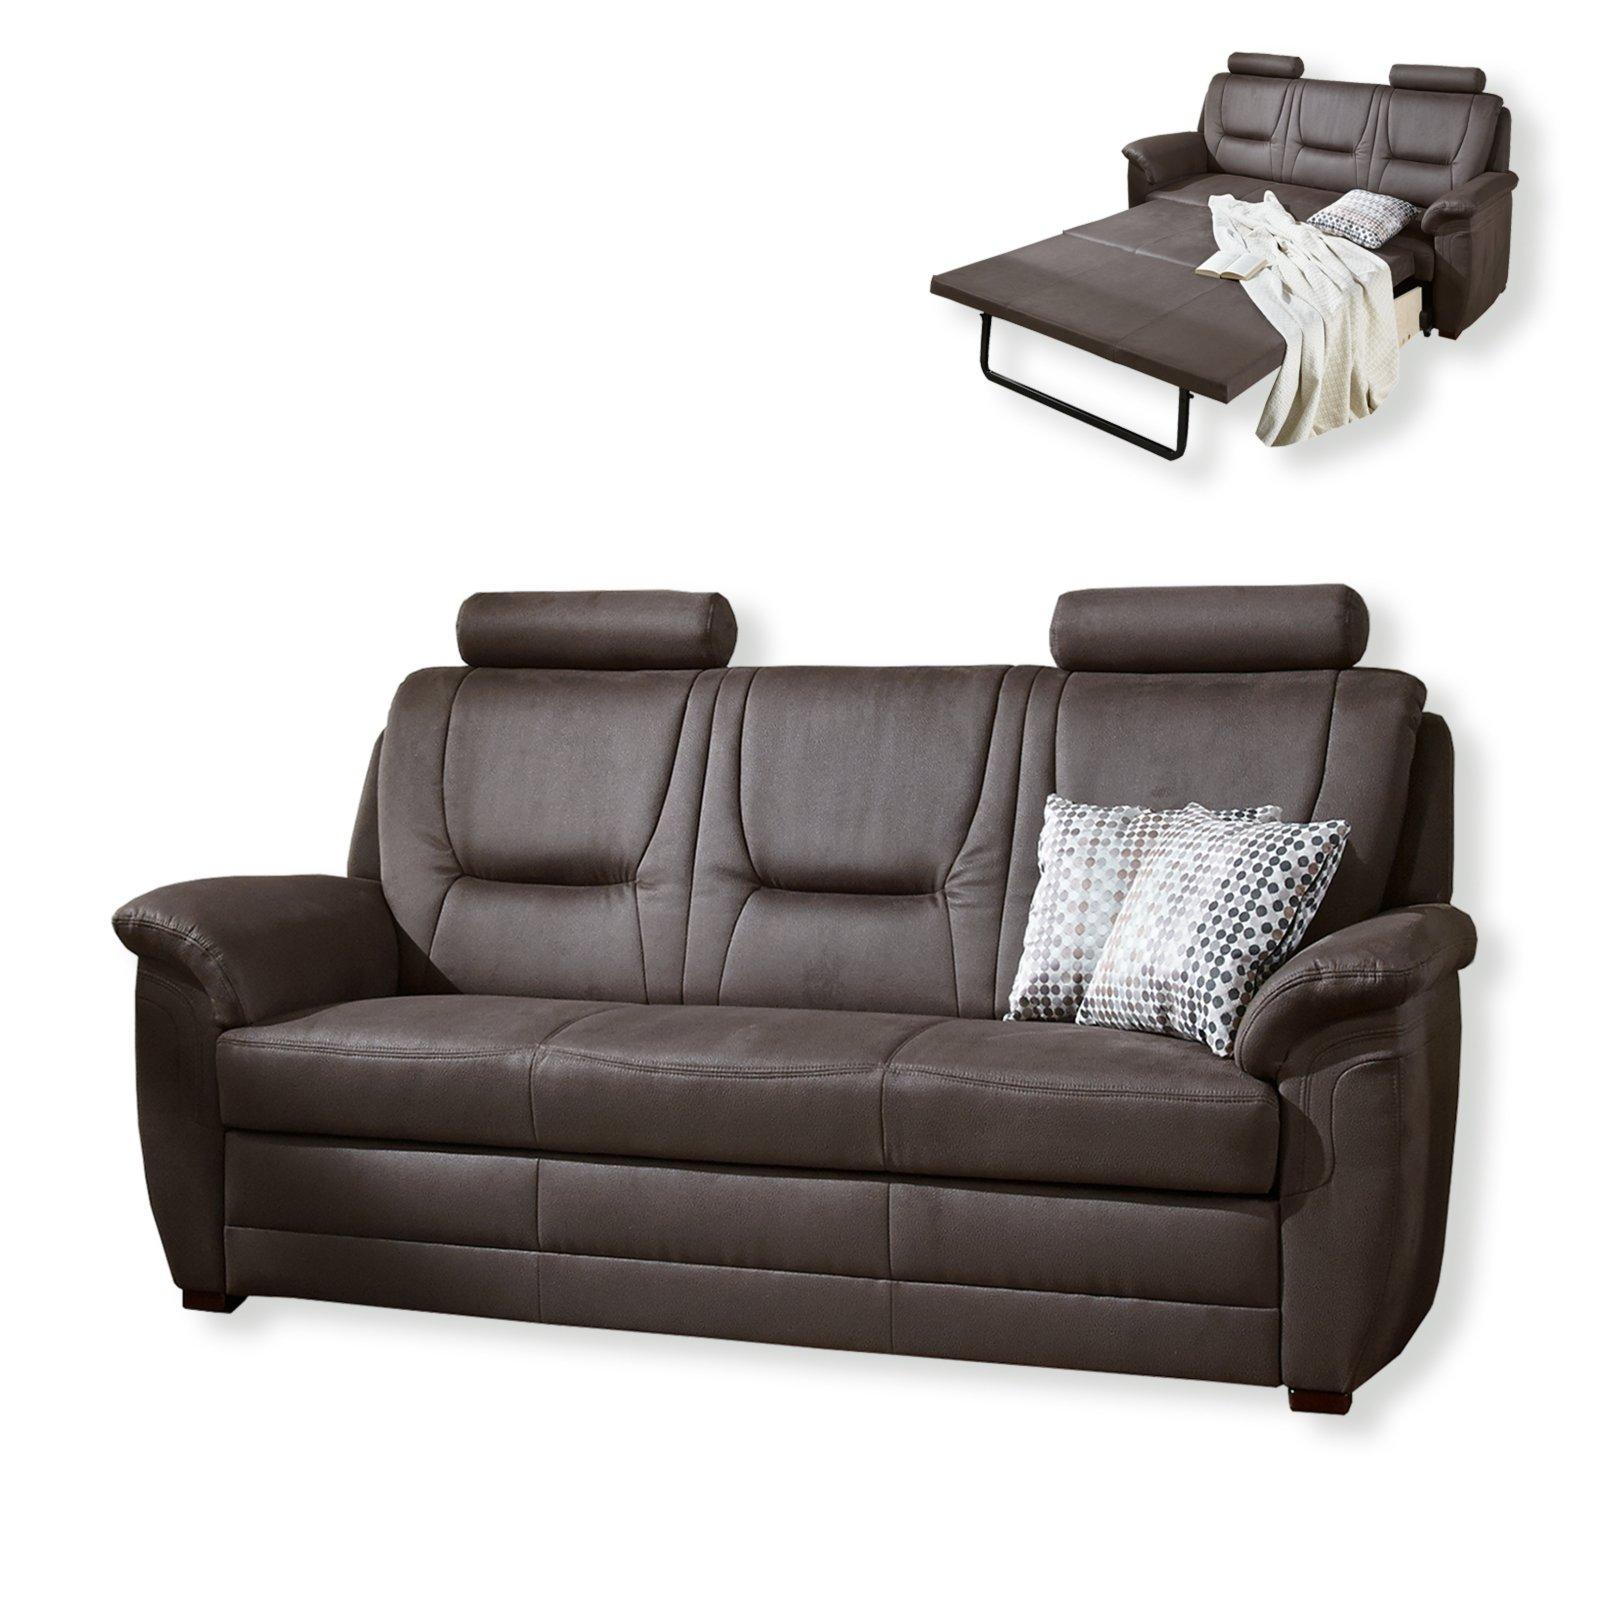 2 sitzer sofa jugendzimmer wooden design online mit liegefunktion roller grau